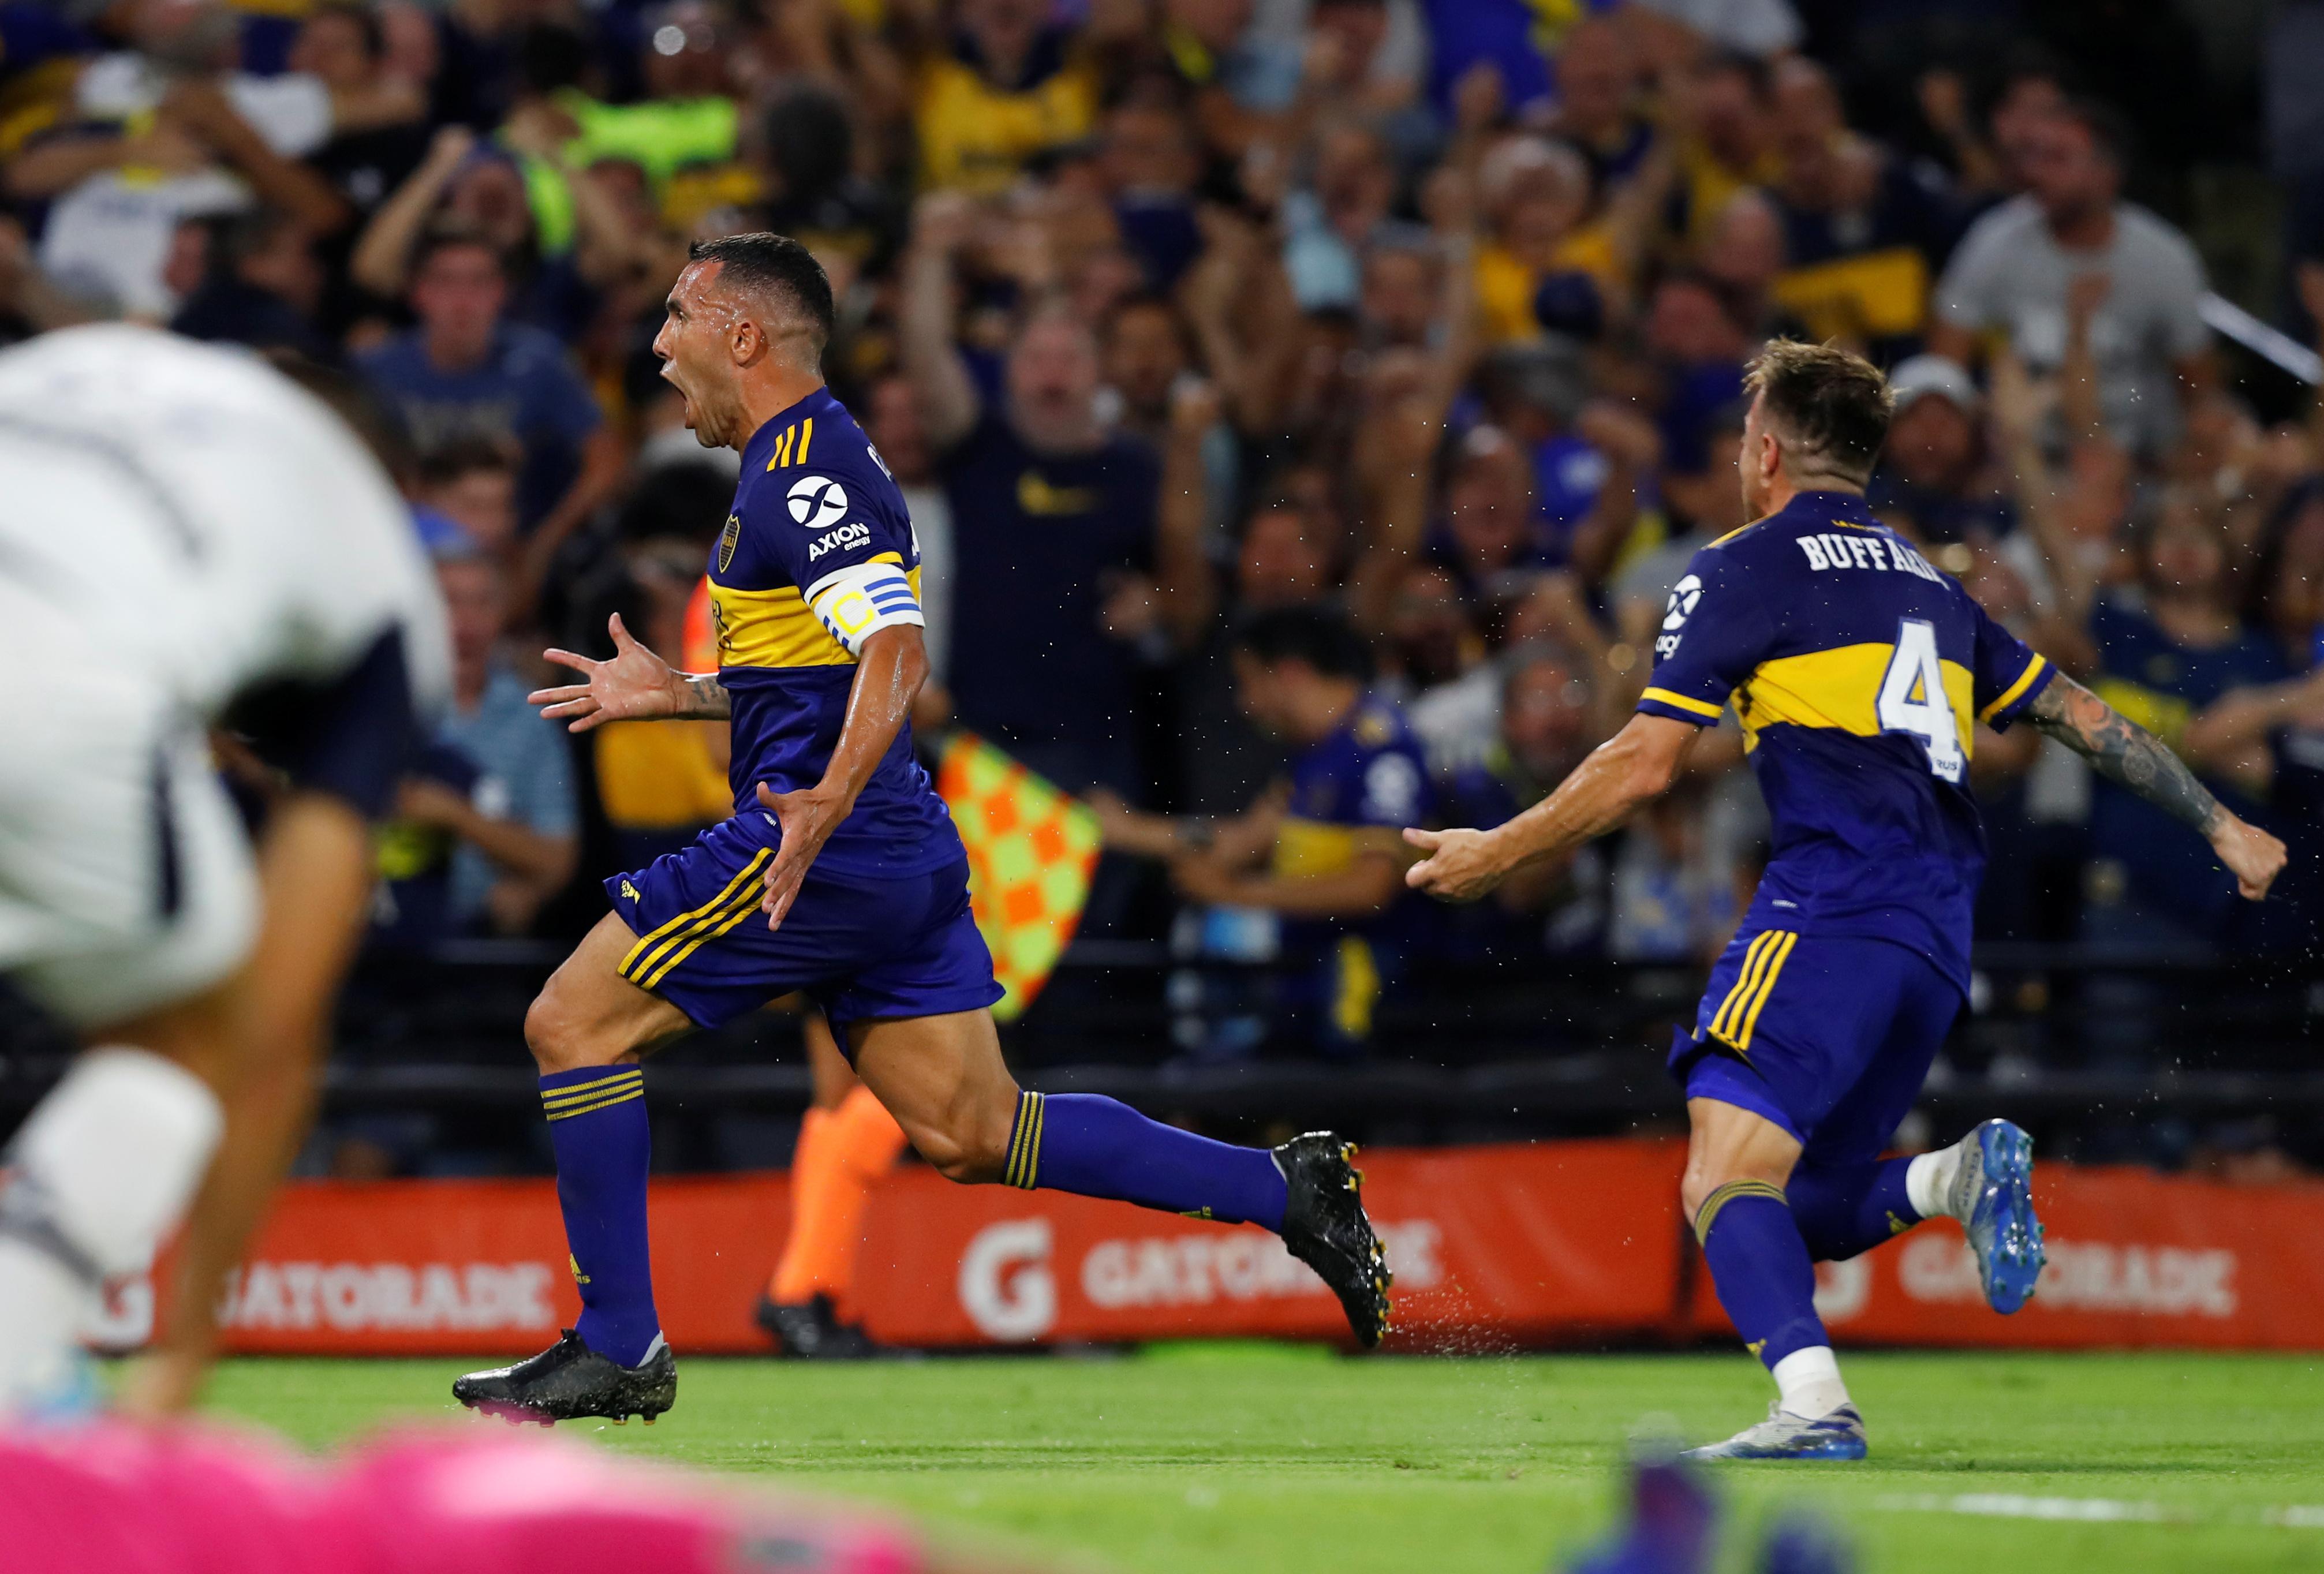 El festejo de Tevez en el gol de Boca (REUTERS/Agustin Marcarian)